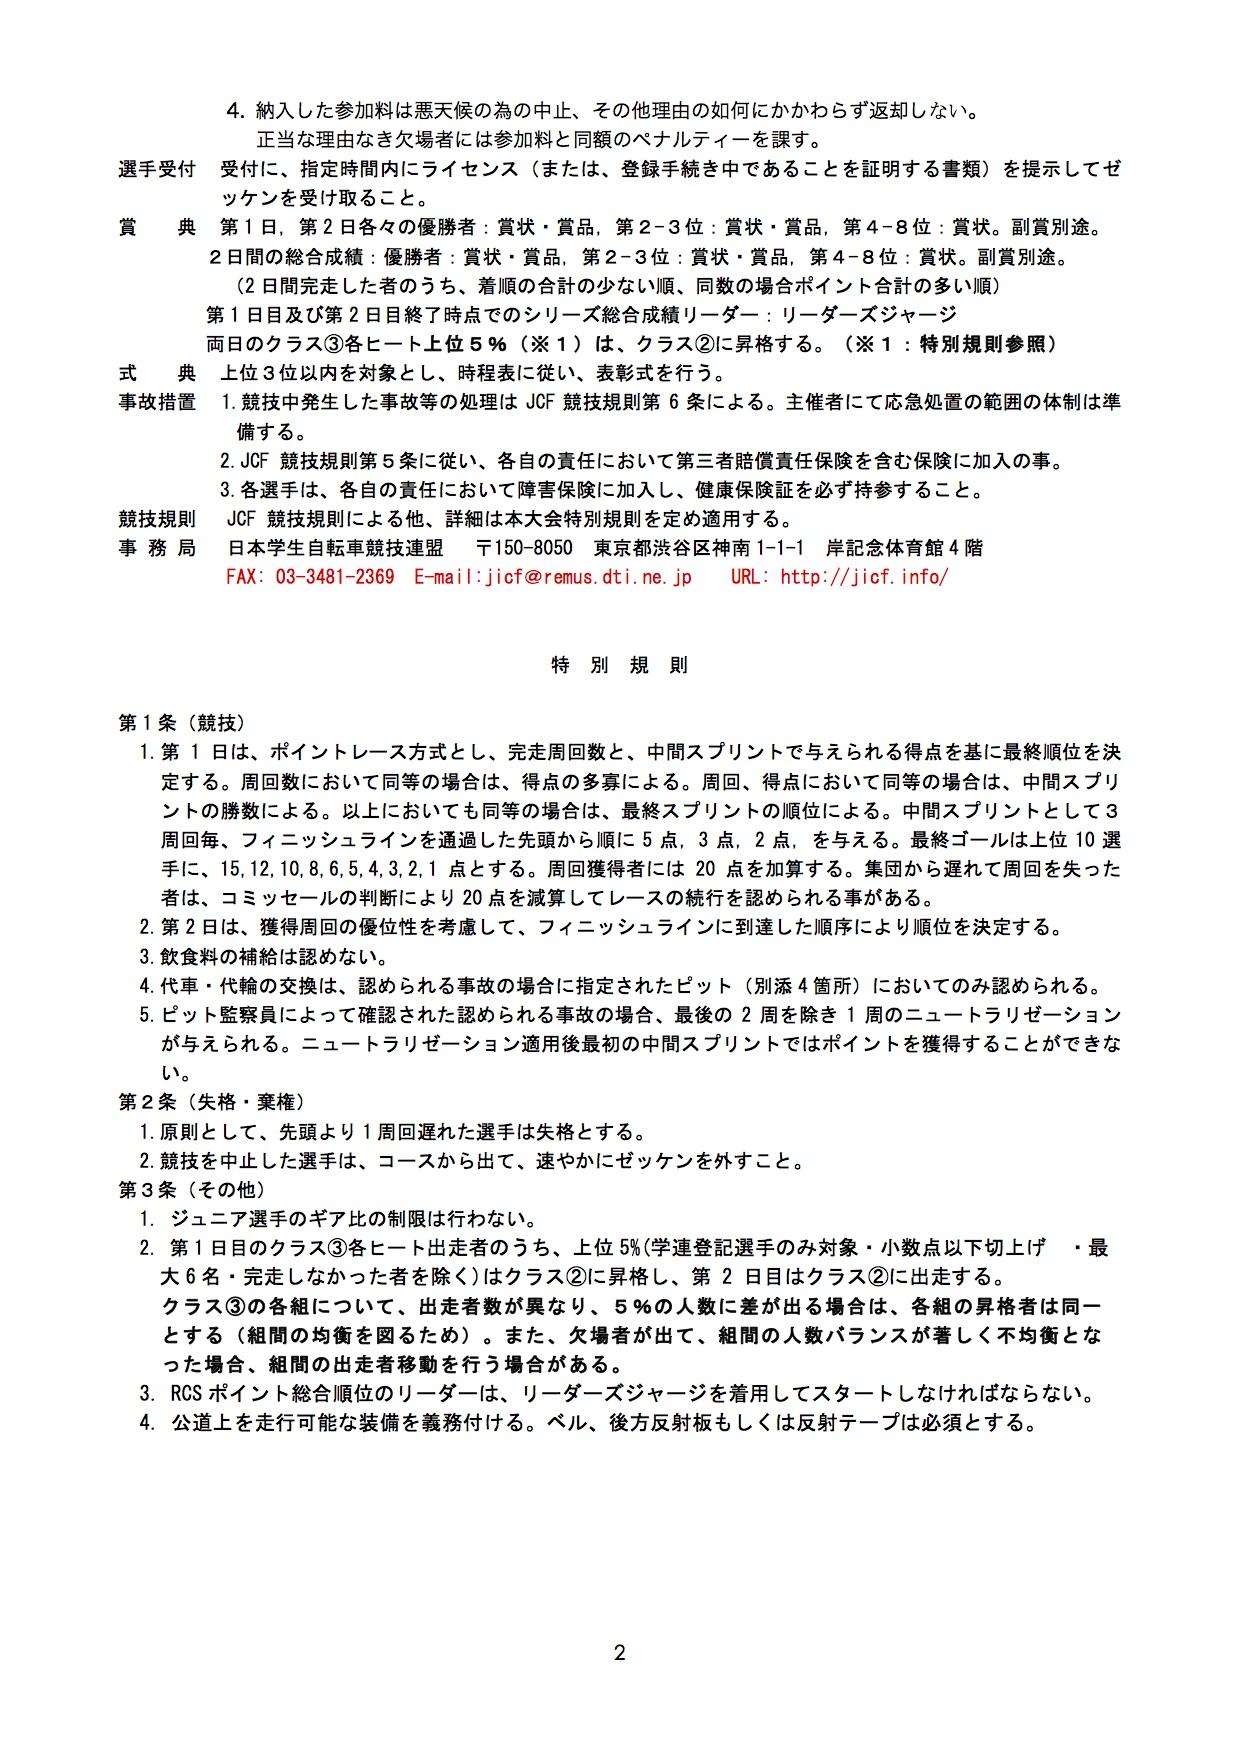 16rcs04_yoko_160416_02